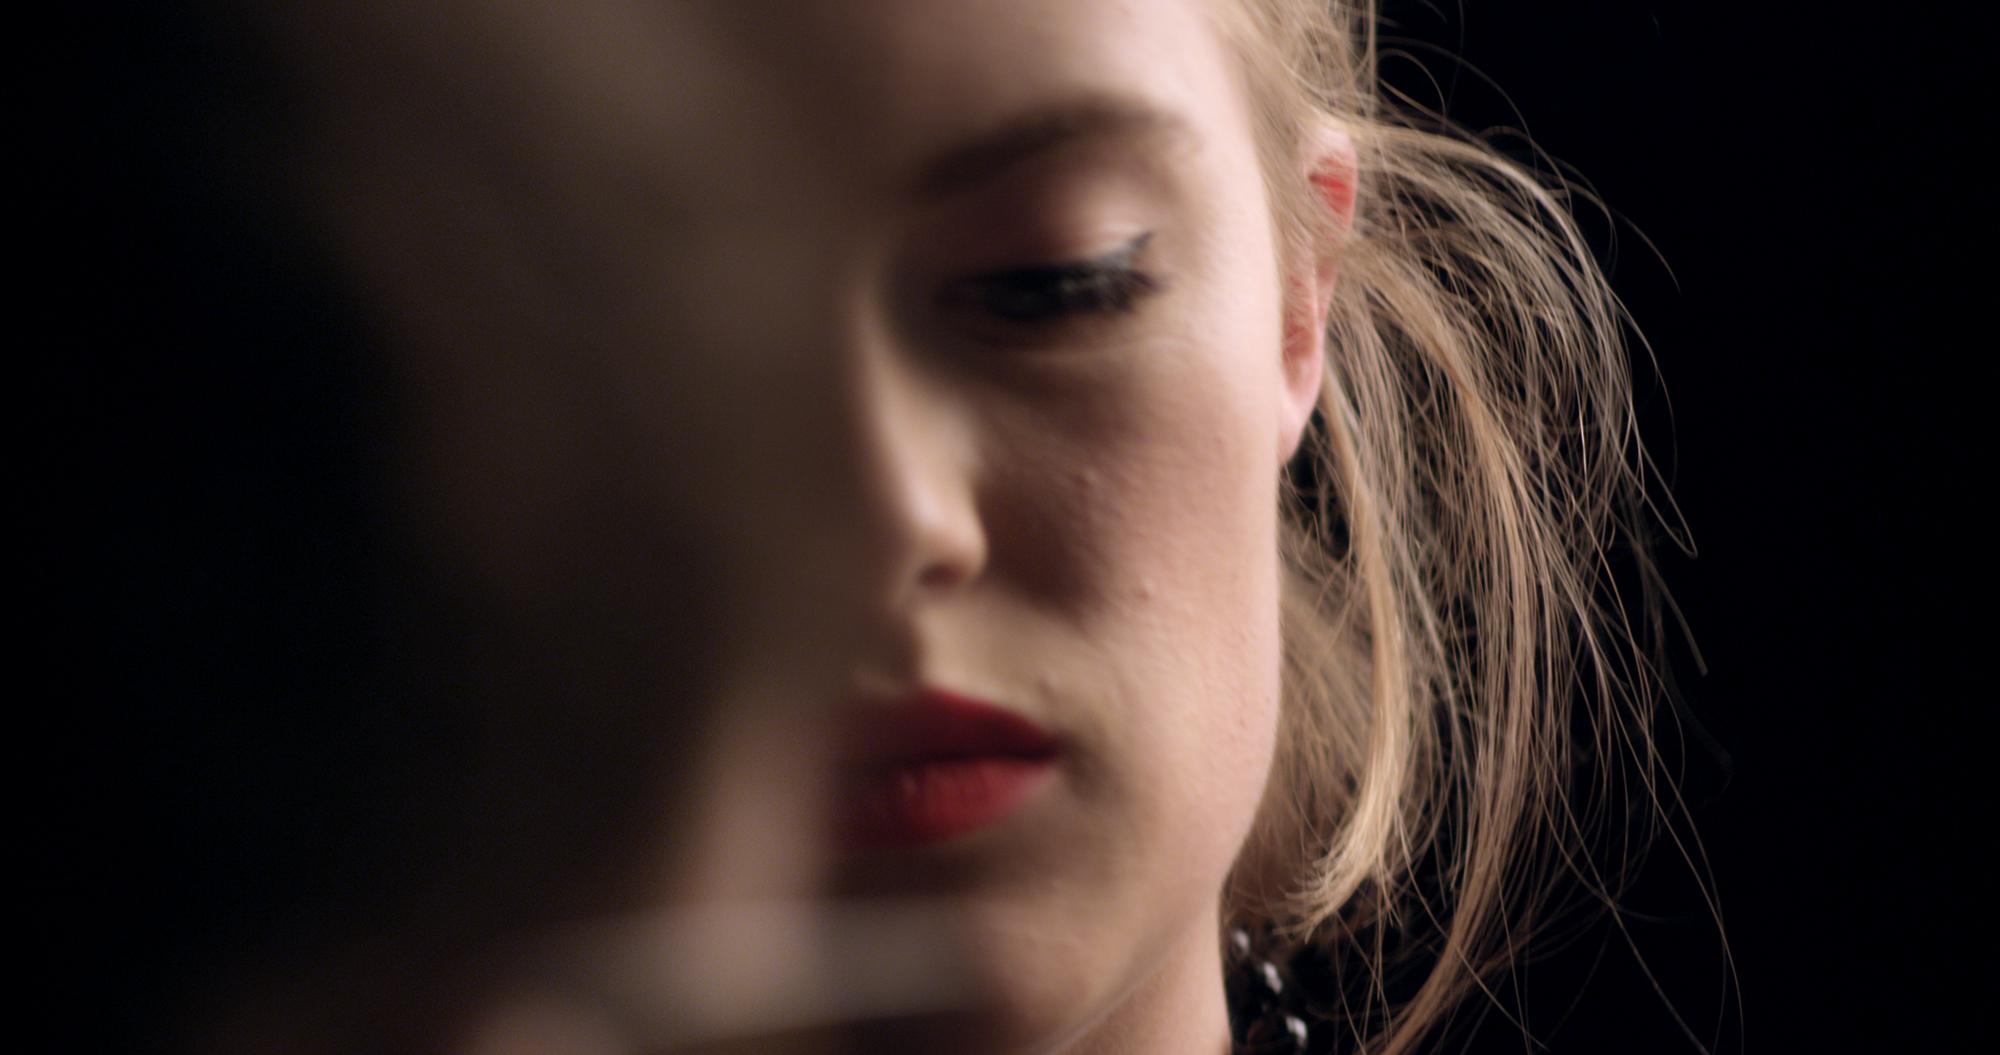 Intrusion Film Still 01